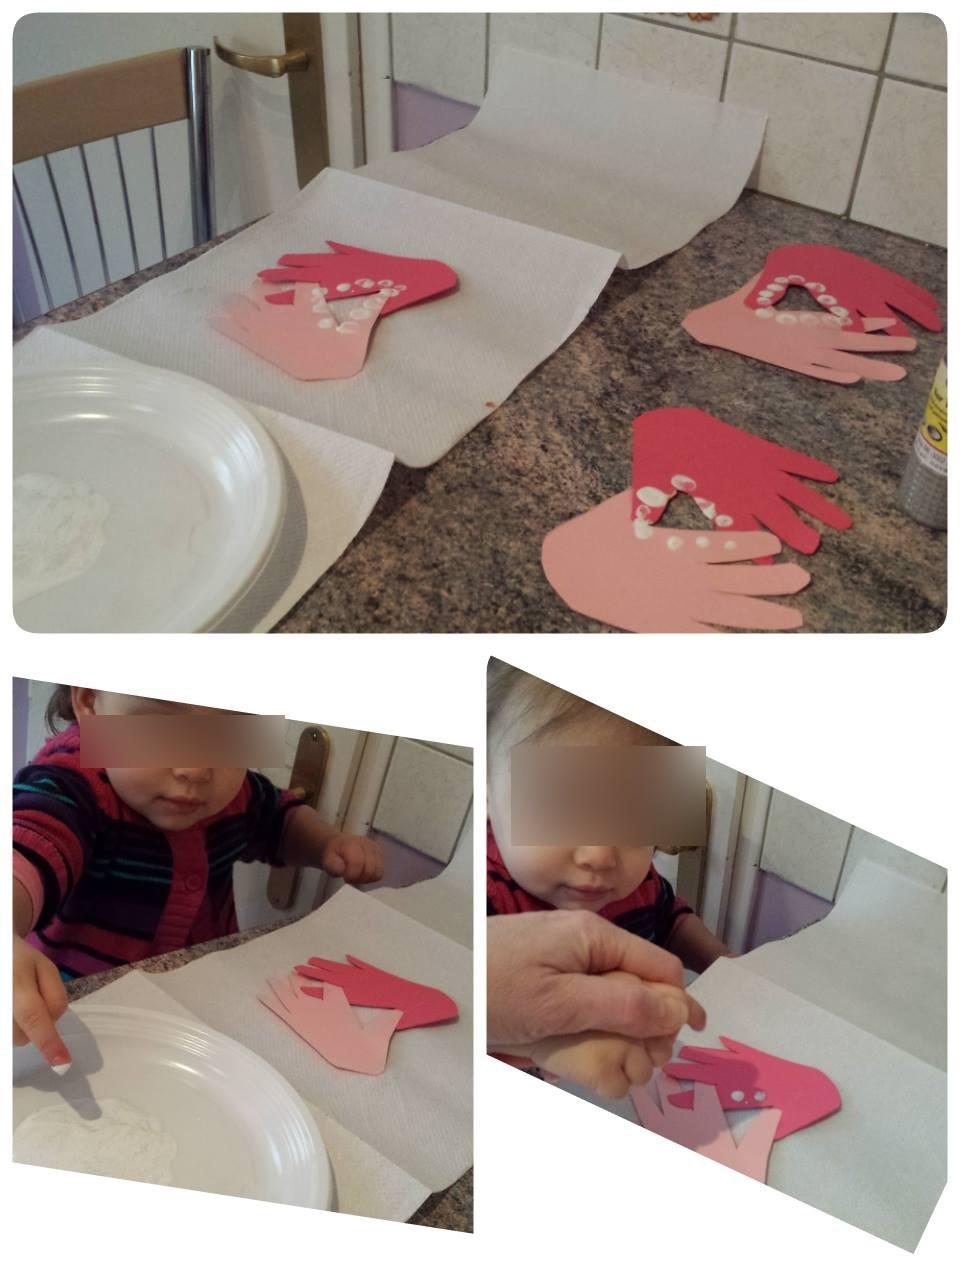 Blob, assistante maternelle Villeparisis, Saint Valentin 2015